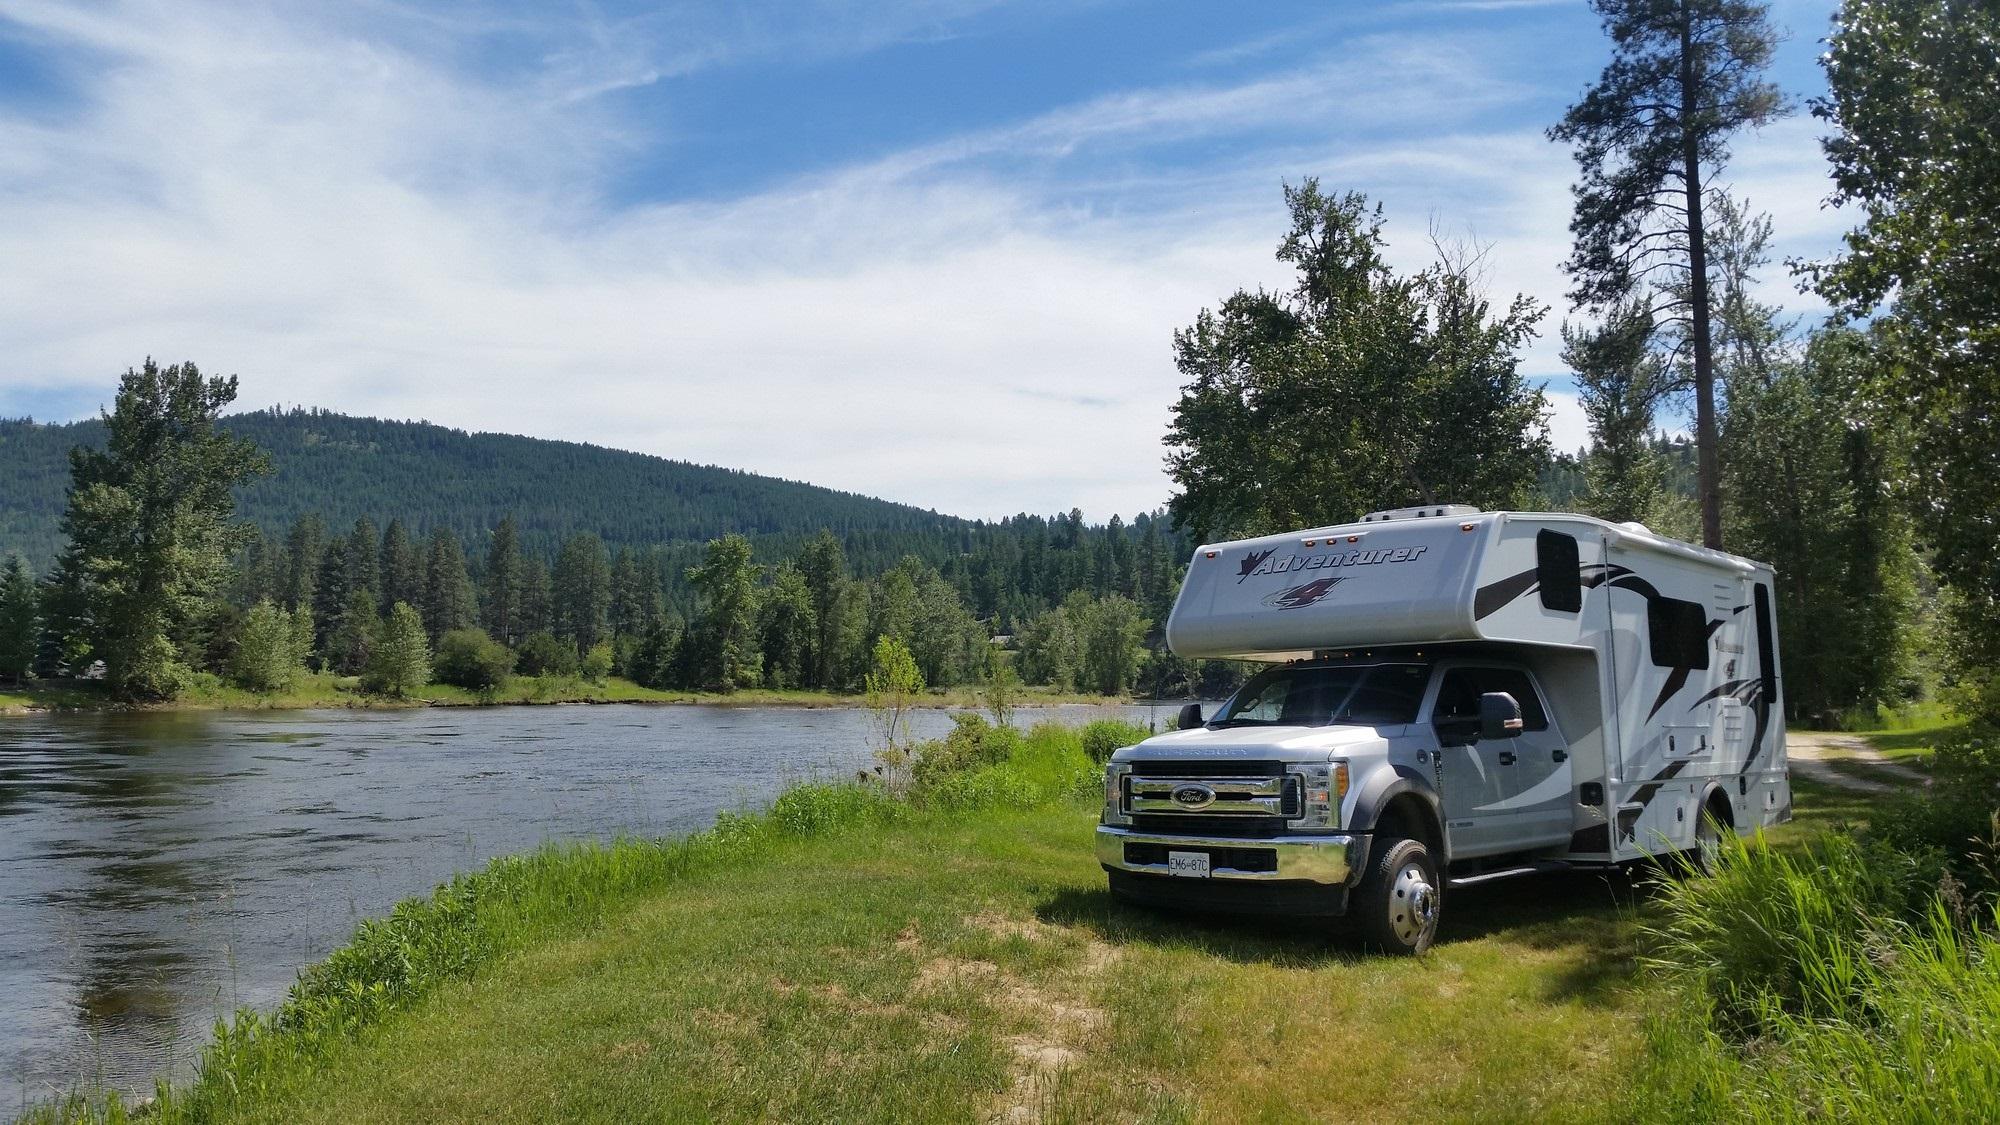 Kettle River near Rock Creek